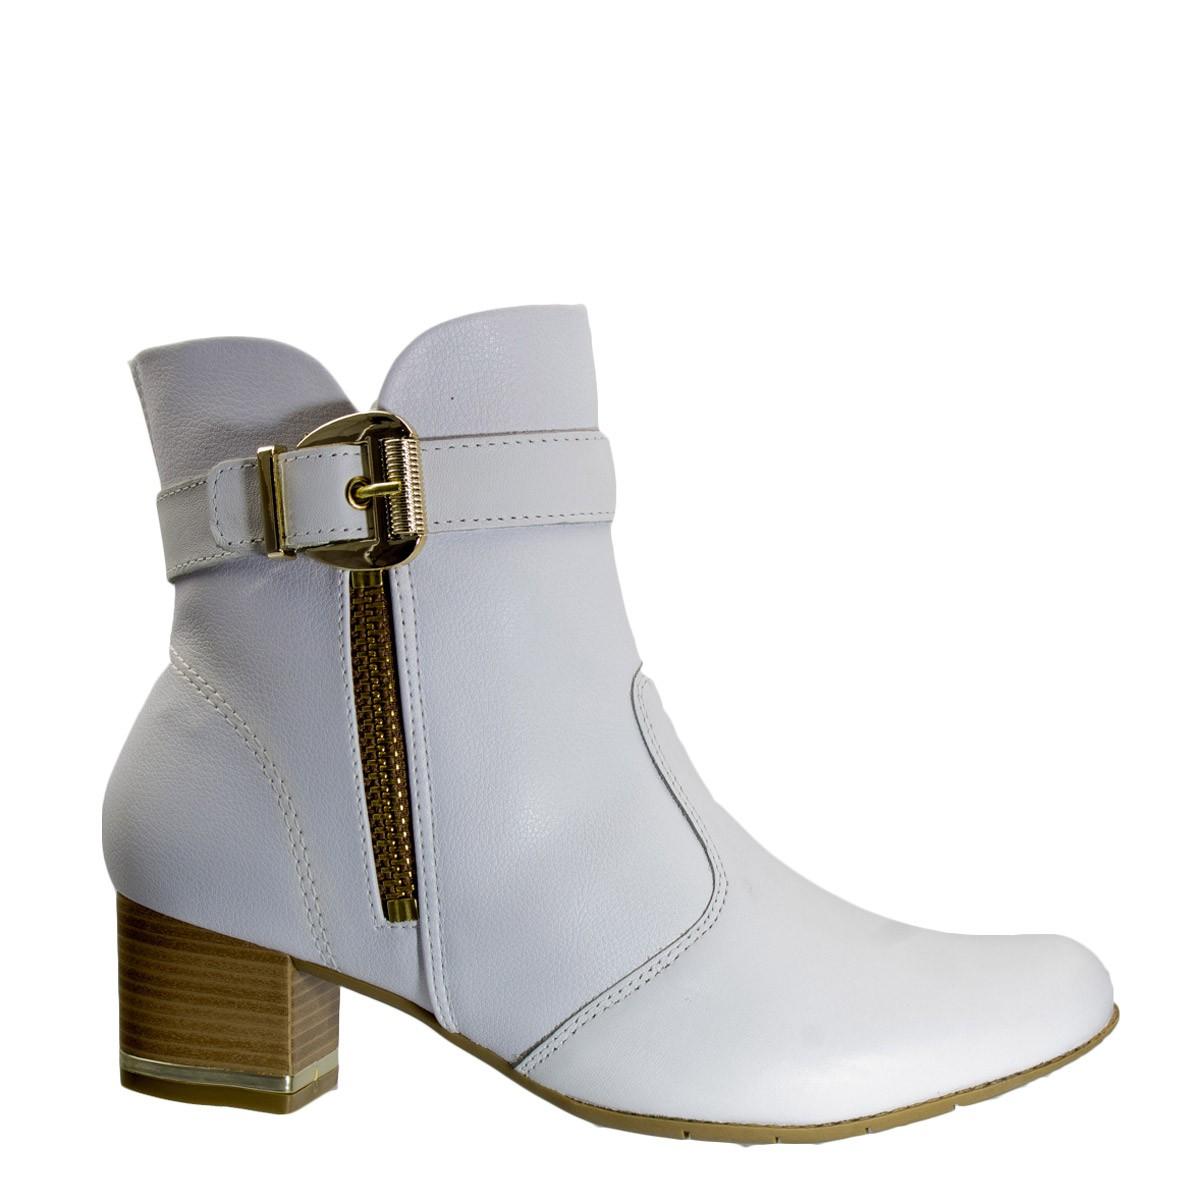 55c378b513 Bizz Store - Bota Feminina Comfortflex Branca Cano Curto